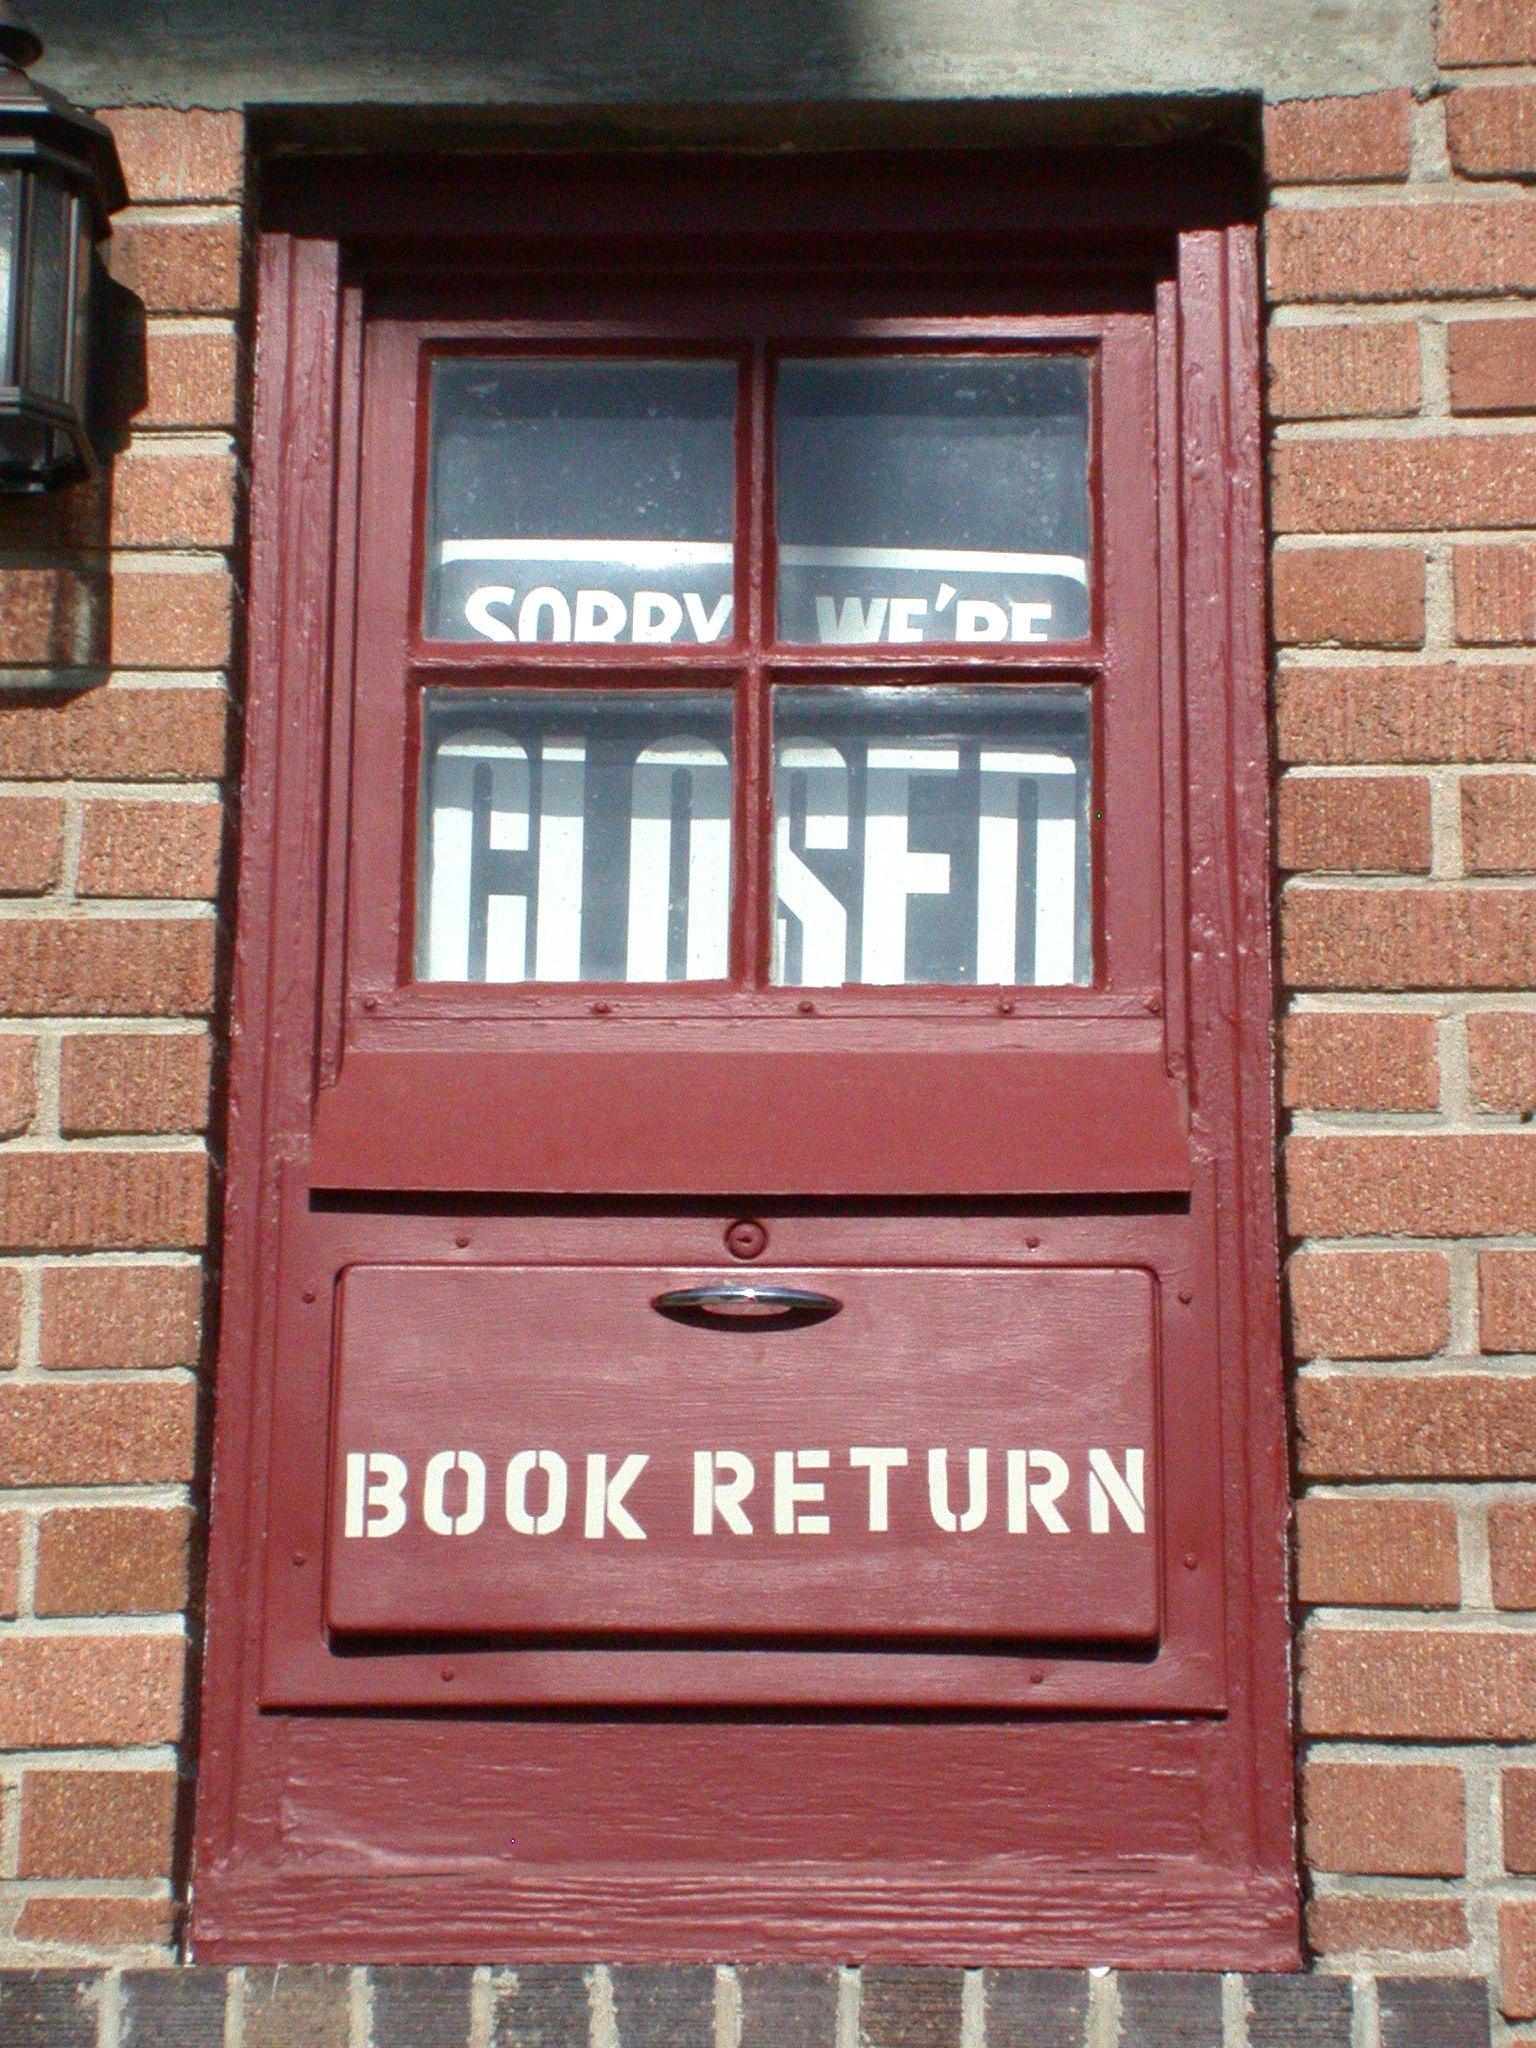 red door of library with book return door in lower panel